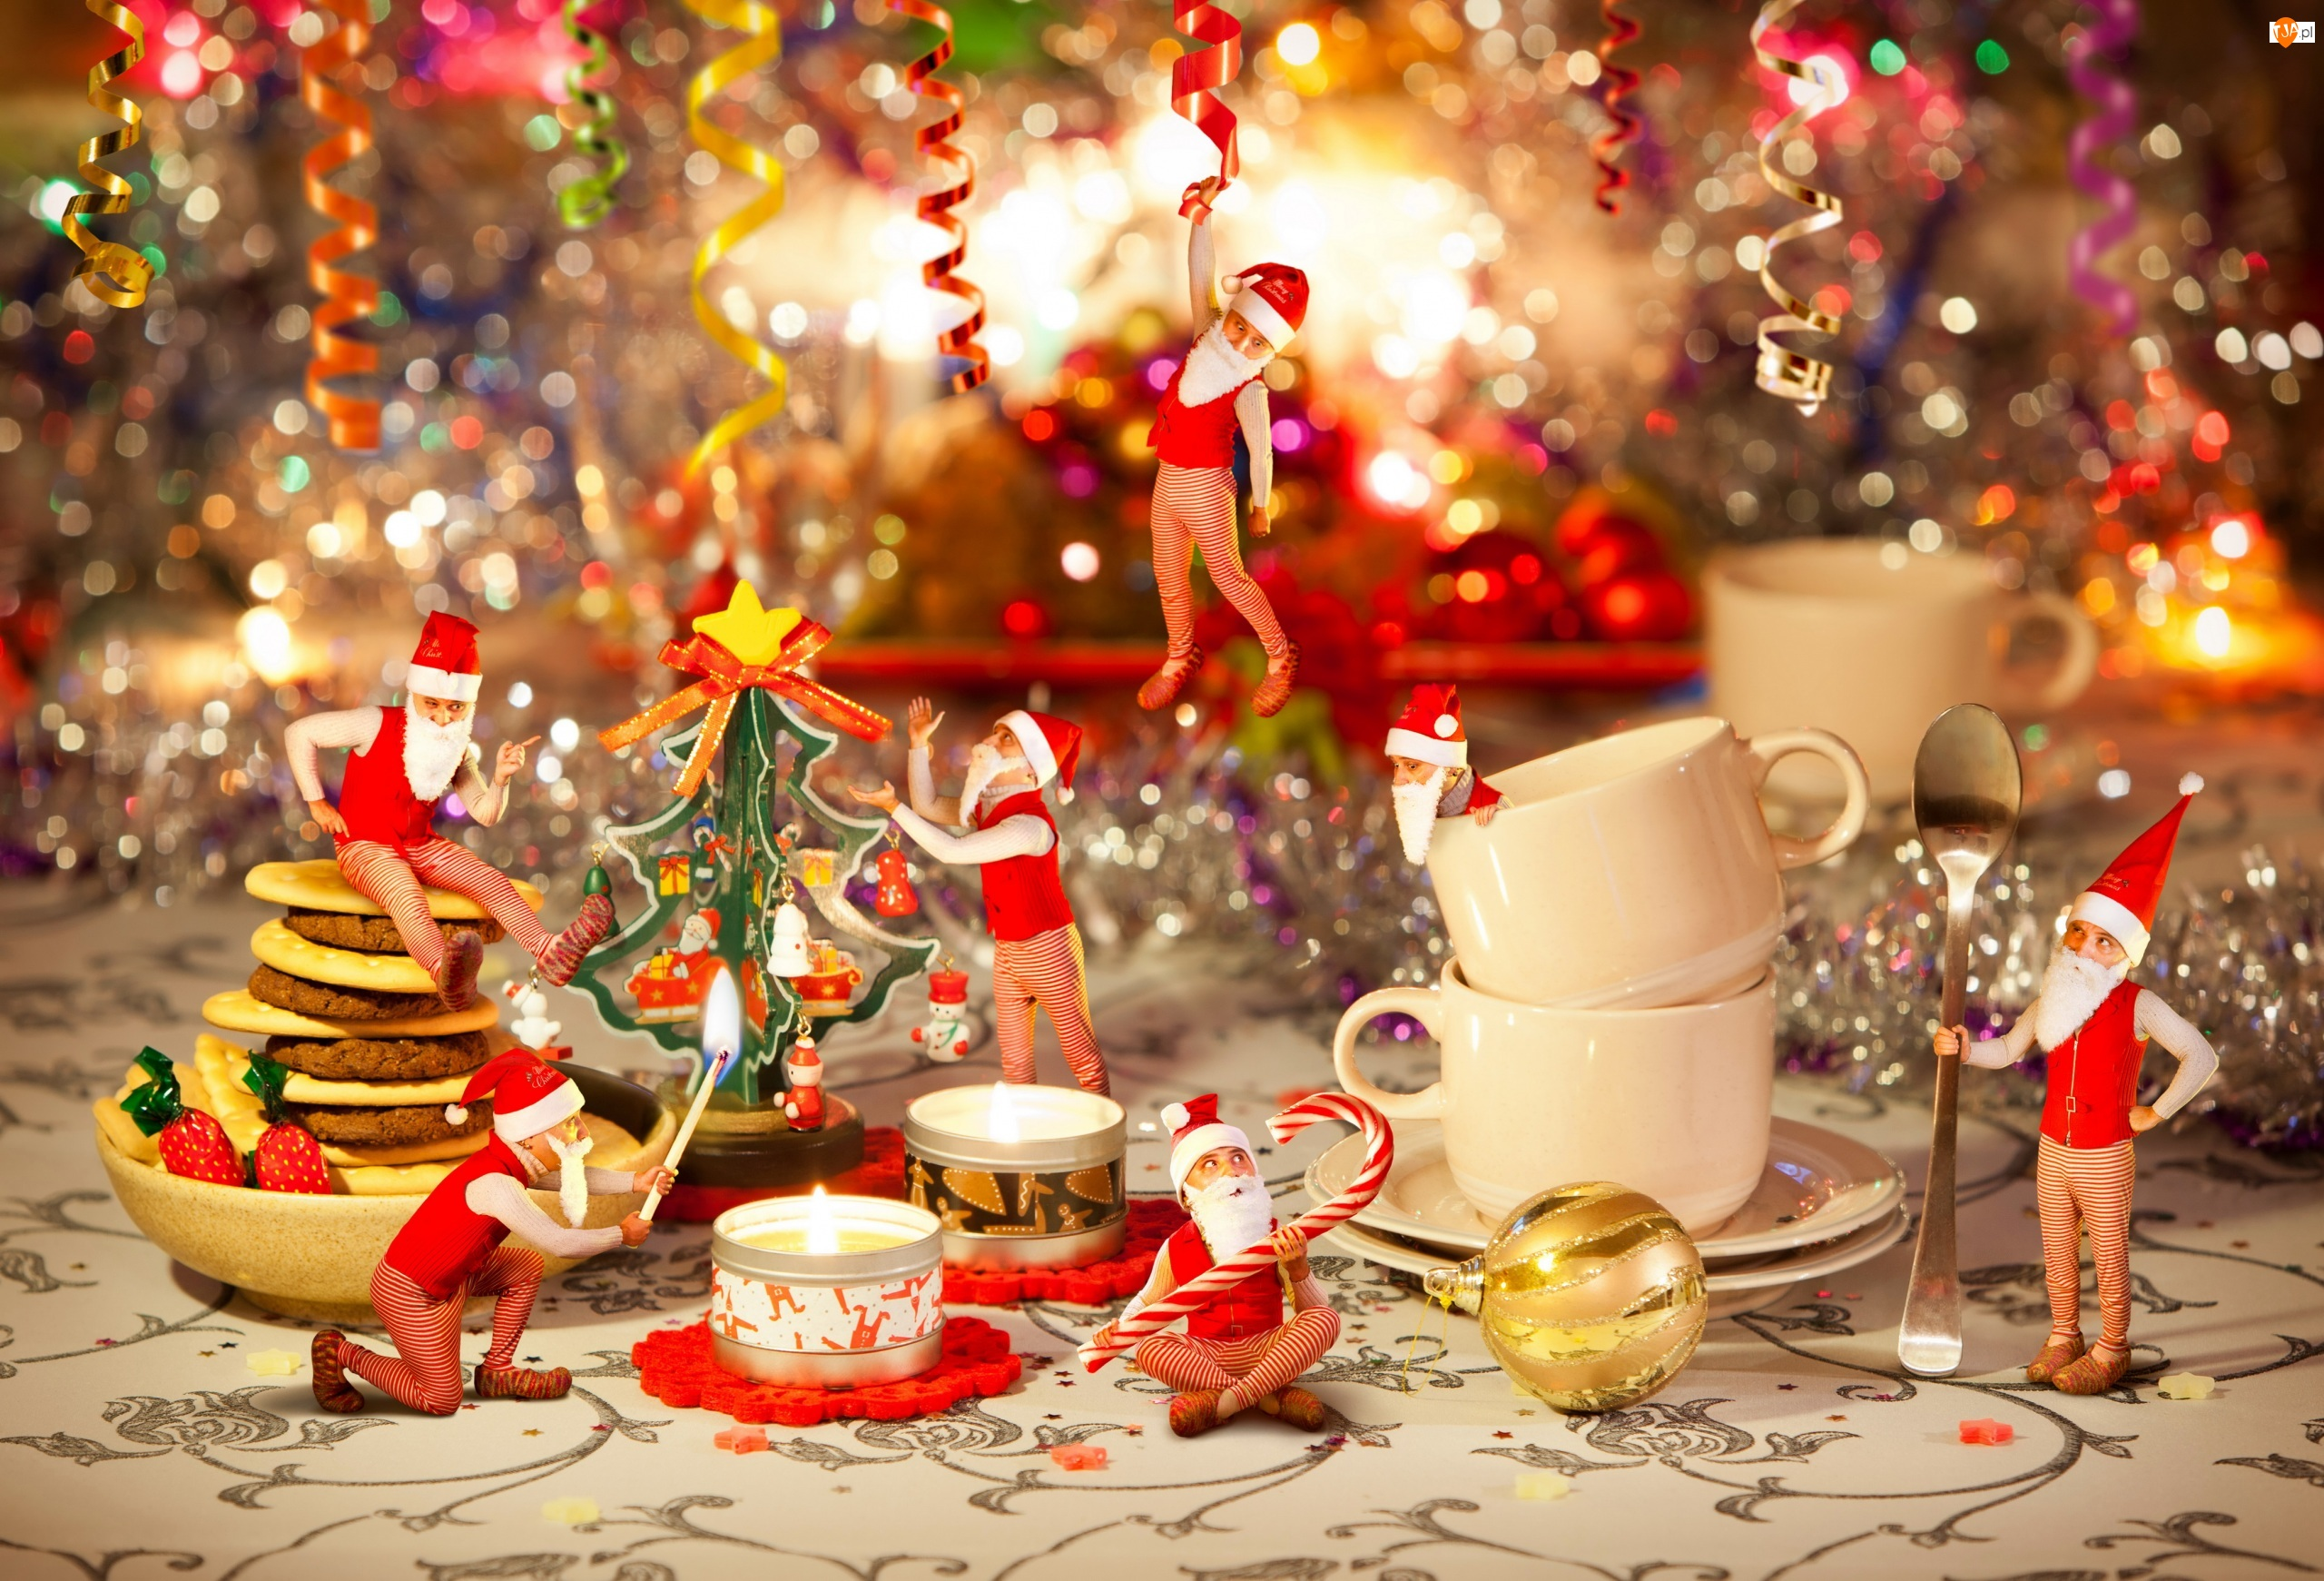 Świąteczna, Mikołaje, Kompozycja, Krasnale